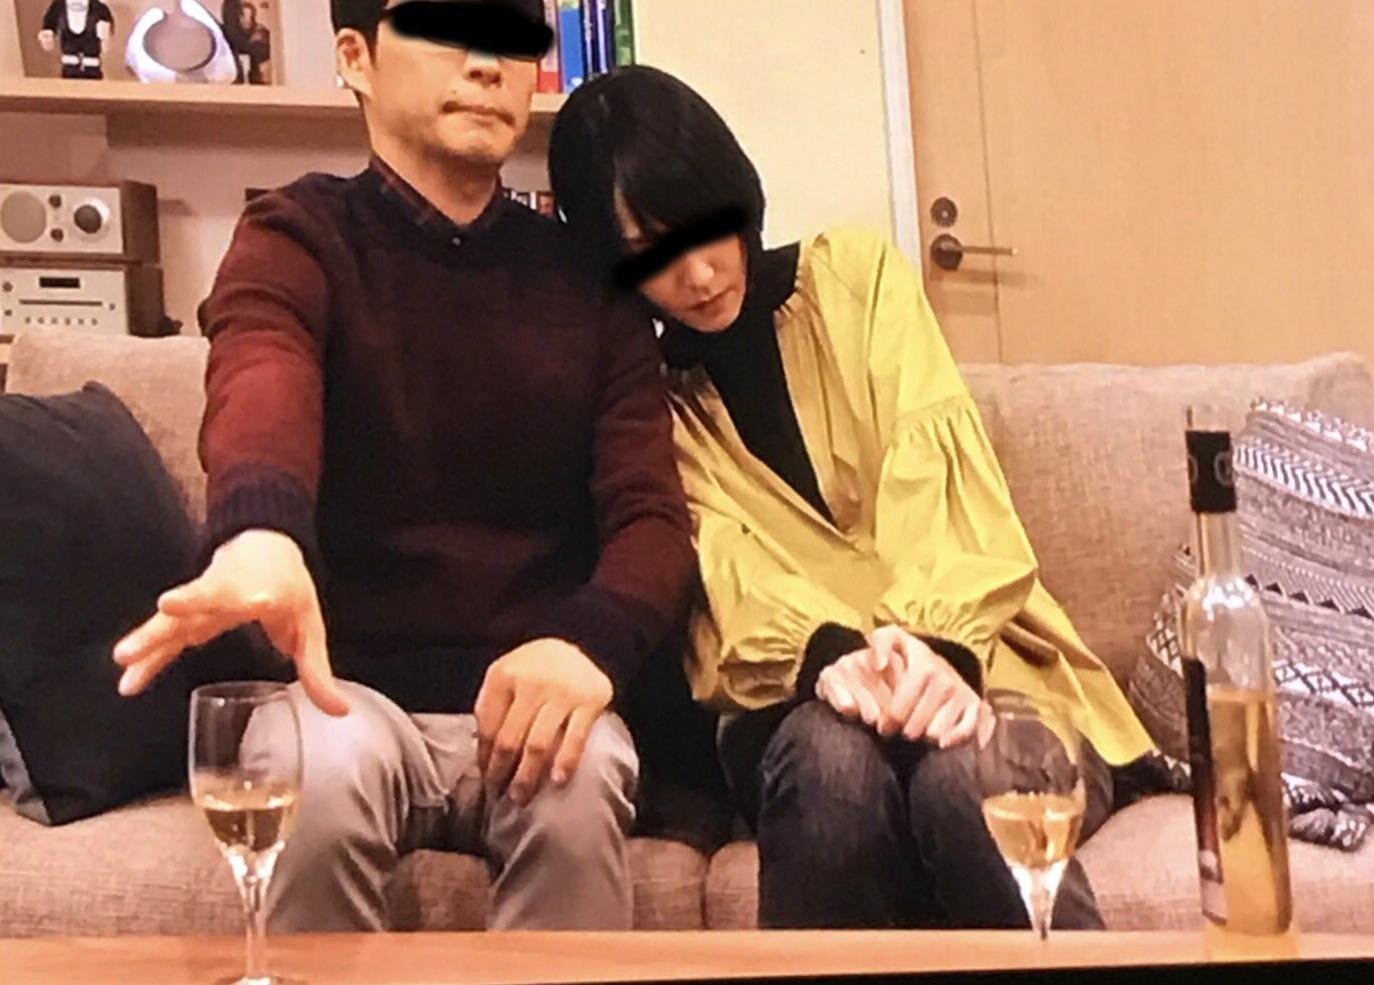 「逃げるは恥だが役に立つ(逃げ恥)」のゆりちゃんのおすそ分けアイスワイン!